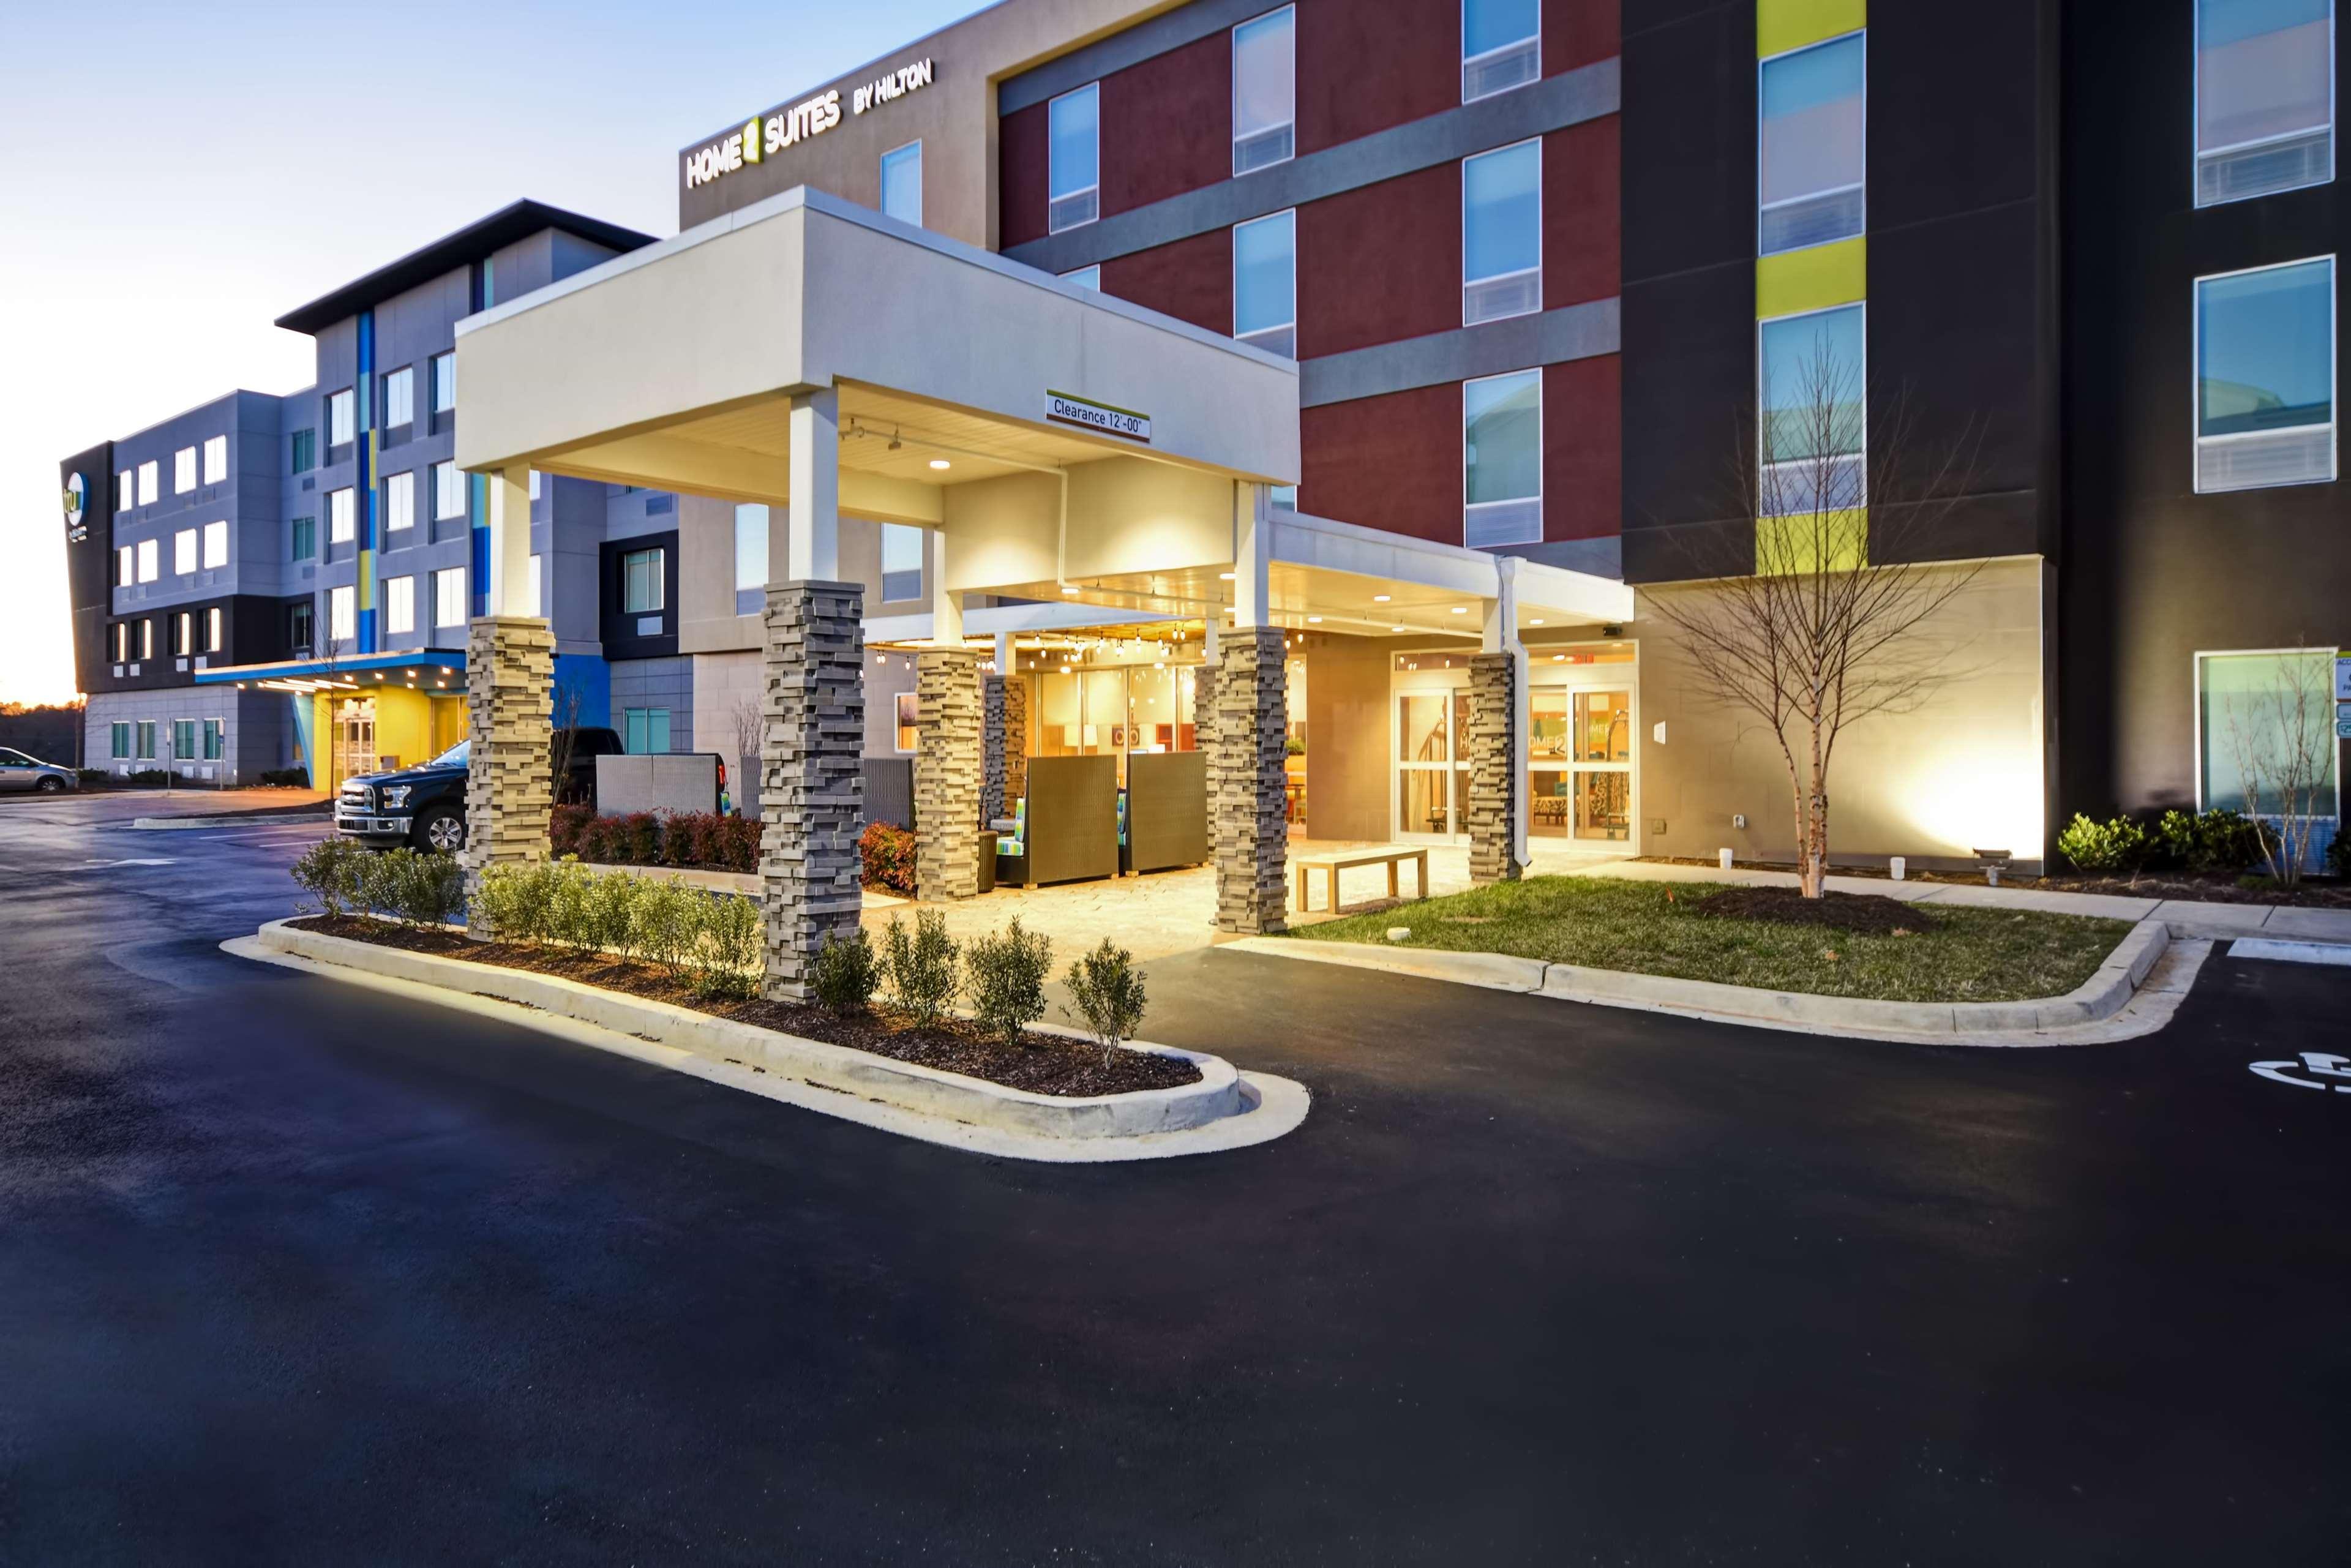 Home2 Suites by Hilton Smyrna Nashville image 3